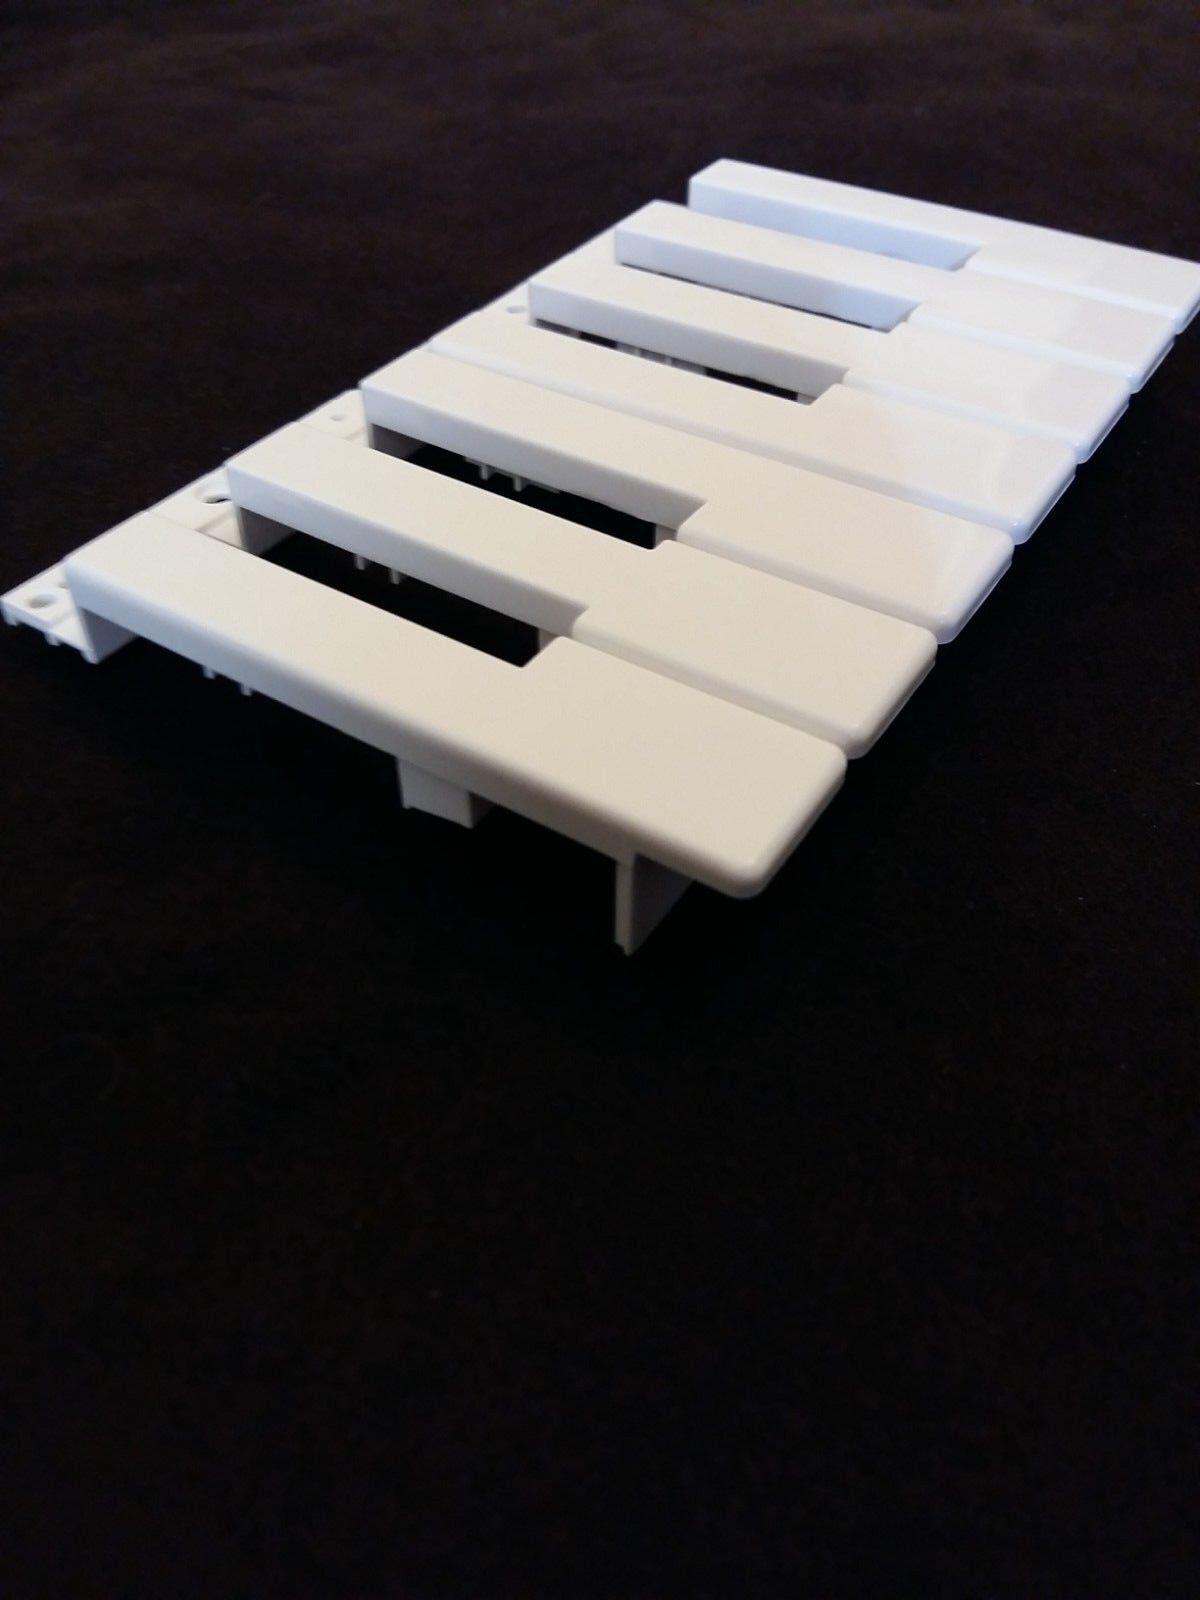 Novation White 1 Octave Keys for MiniNova Synthesizer